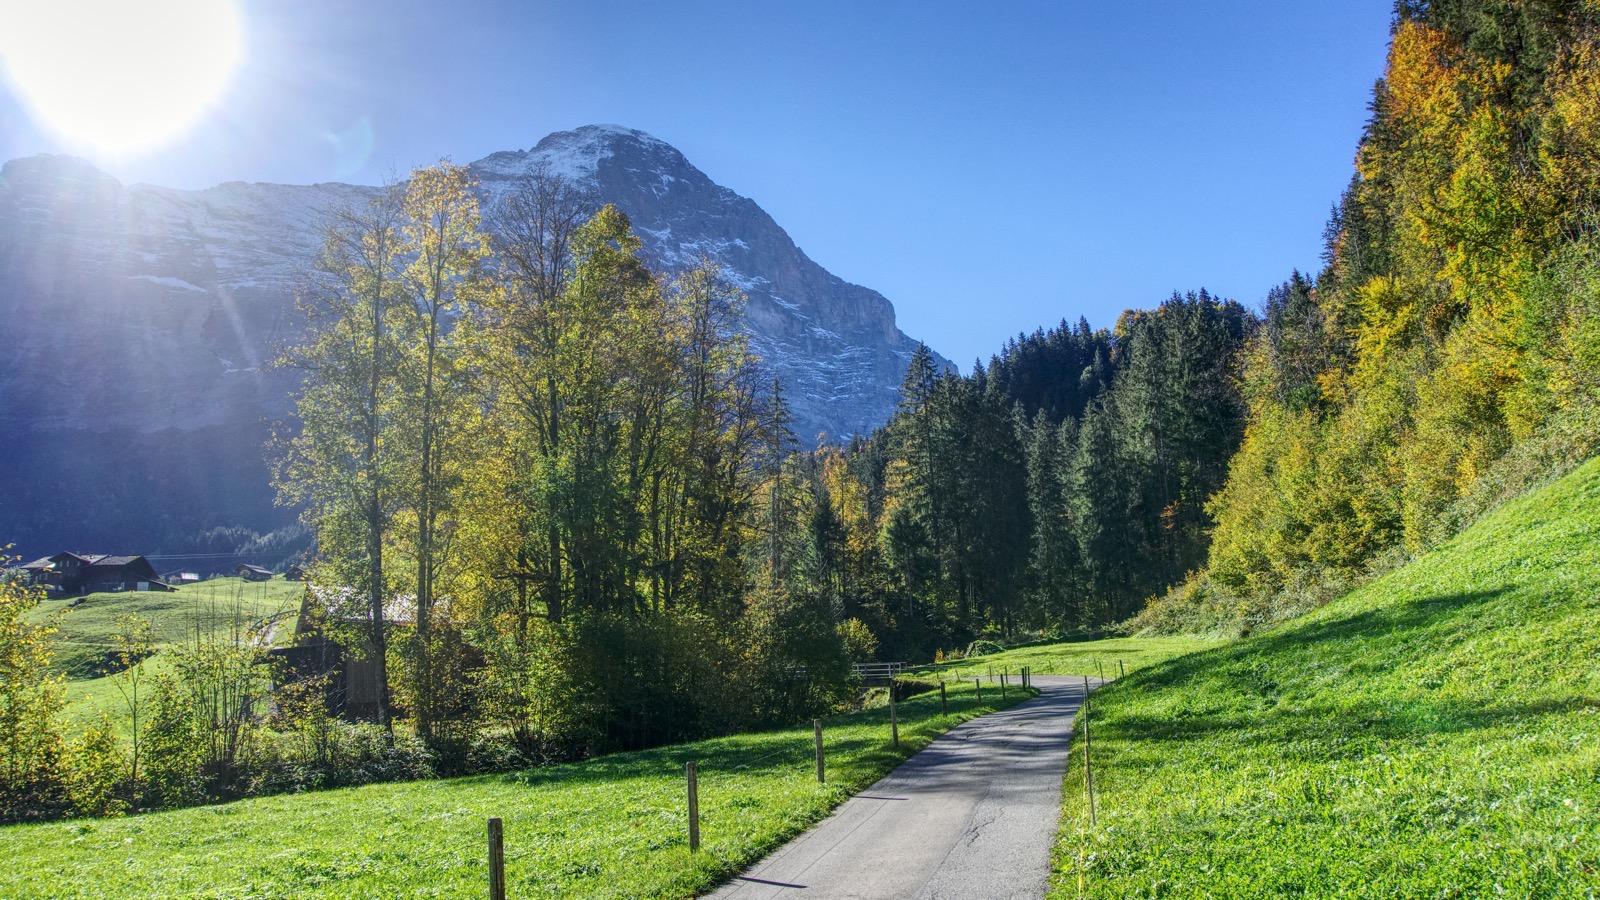 Der erste Blick auf die Eiger-Nordwand kurz vor Grindelwald.